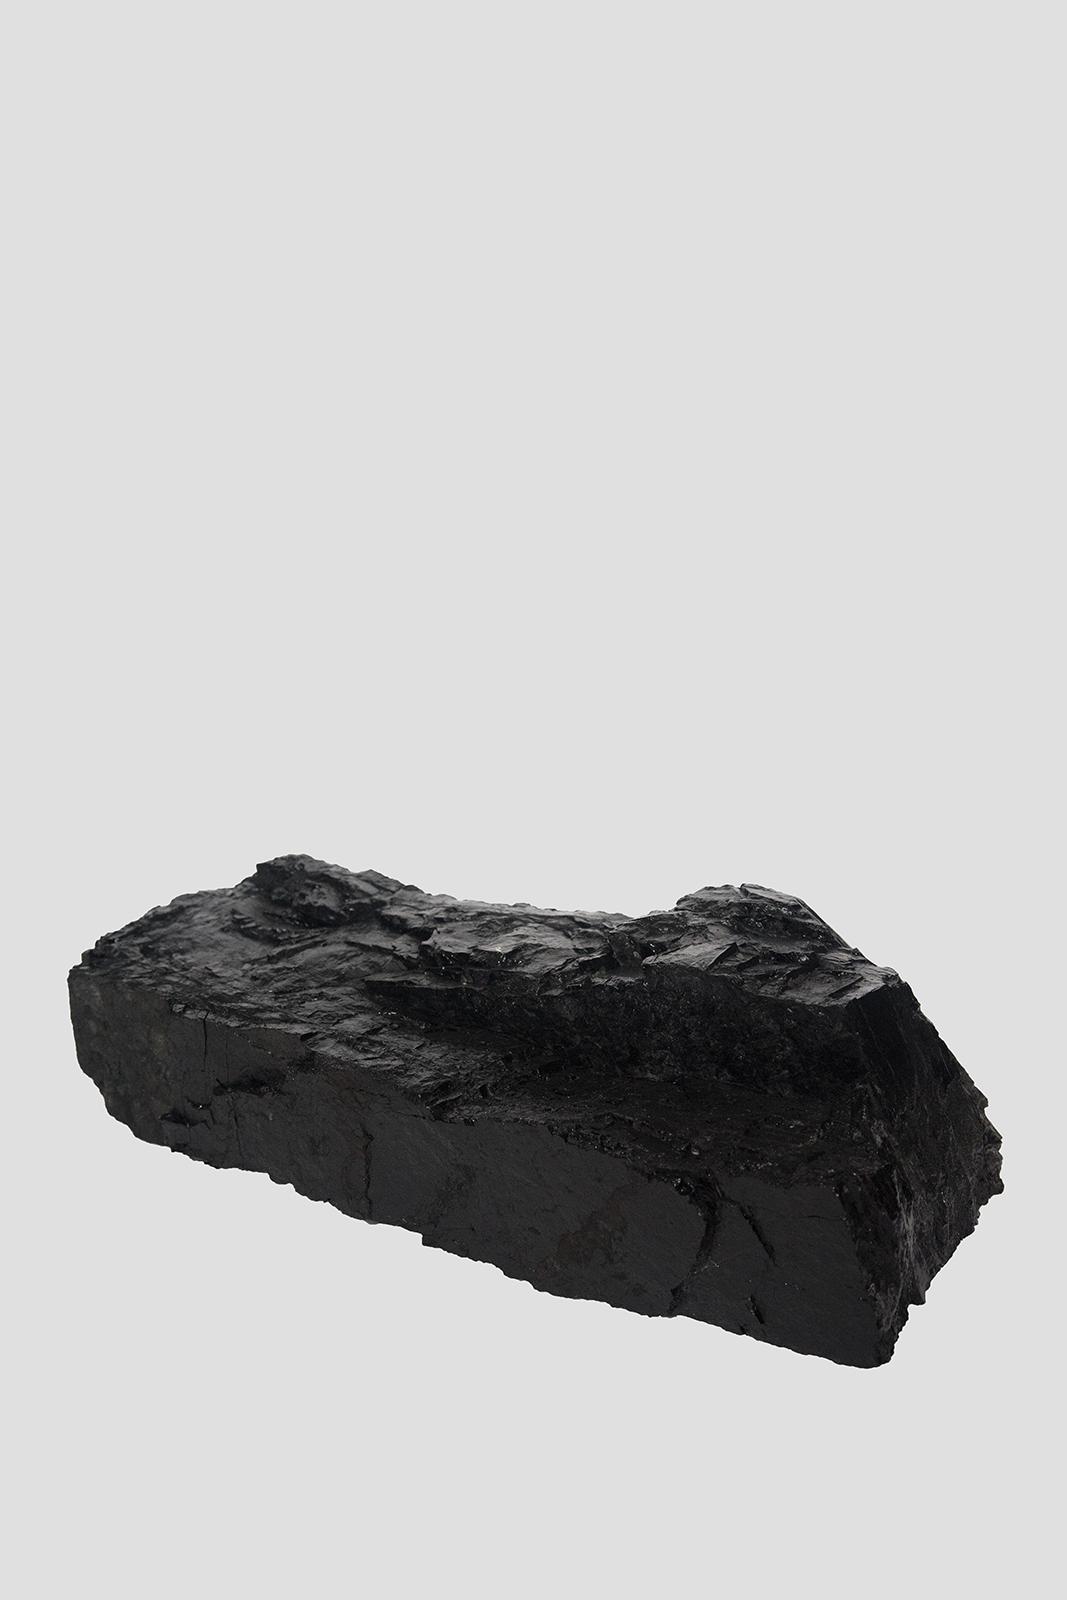 Кам'яне вугілля, виробниче об'єднання «Лисичанськвугілля»/ Black coal, Lysychanskvuhillia